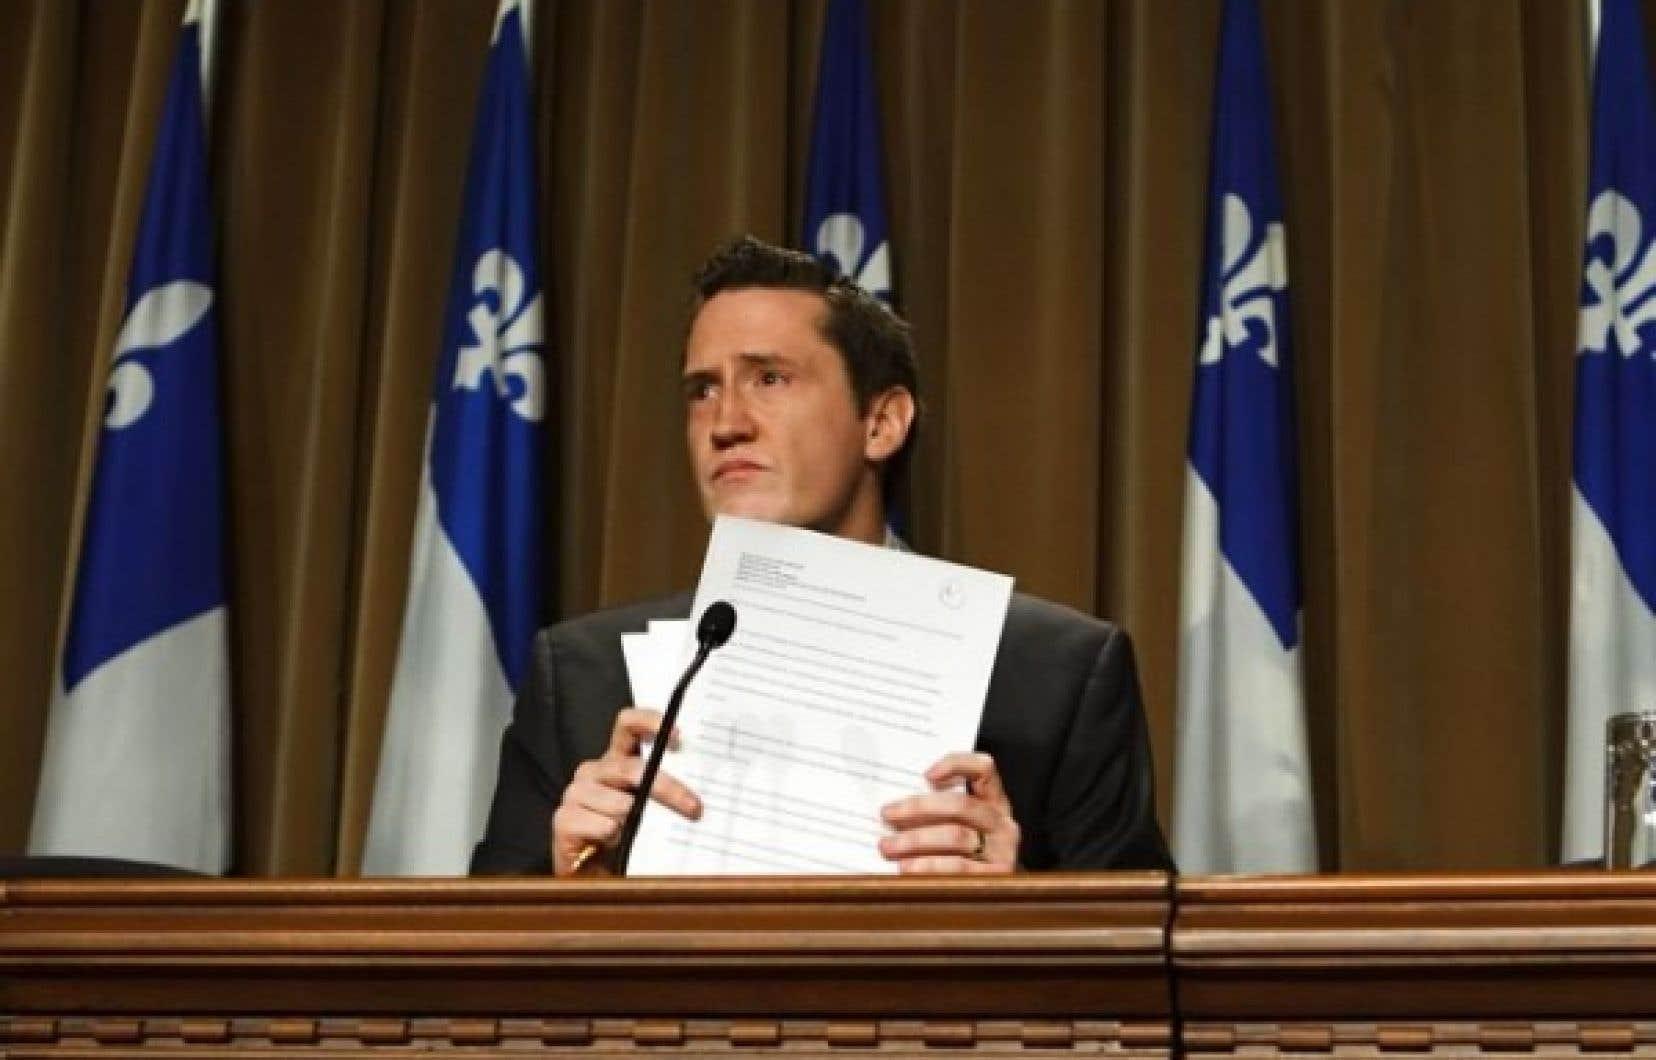 Benoit Charette, qui siégera comme indépendant à l'Assemblée nationale, est le cinquième député péquiste à claquer la porte du caucus en deux semaines.